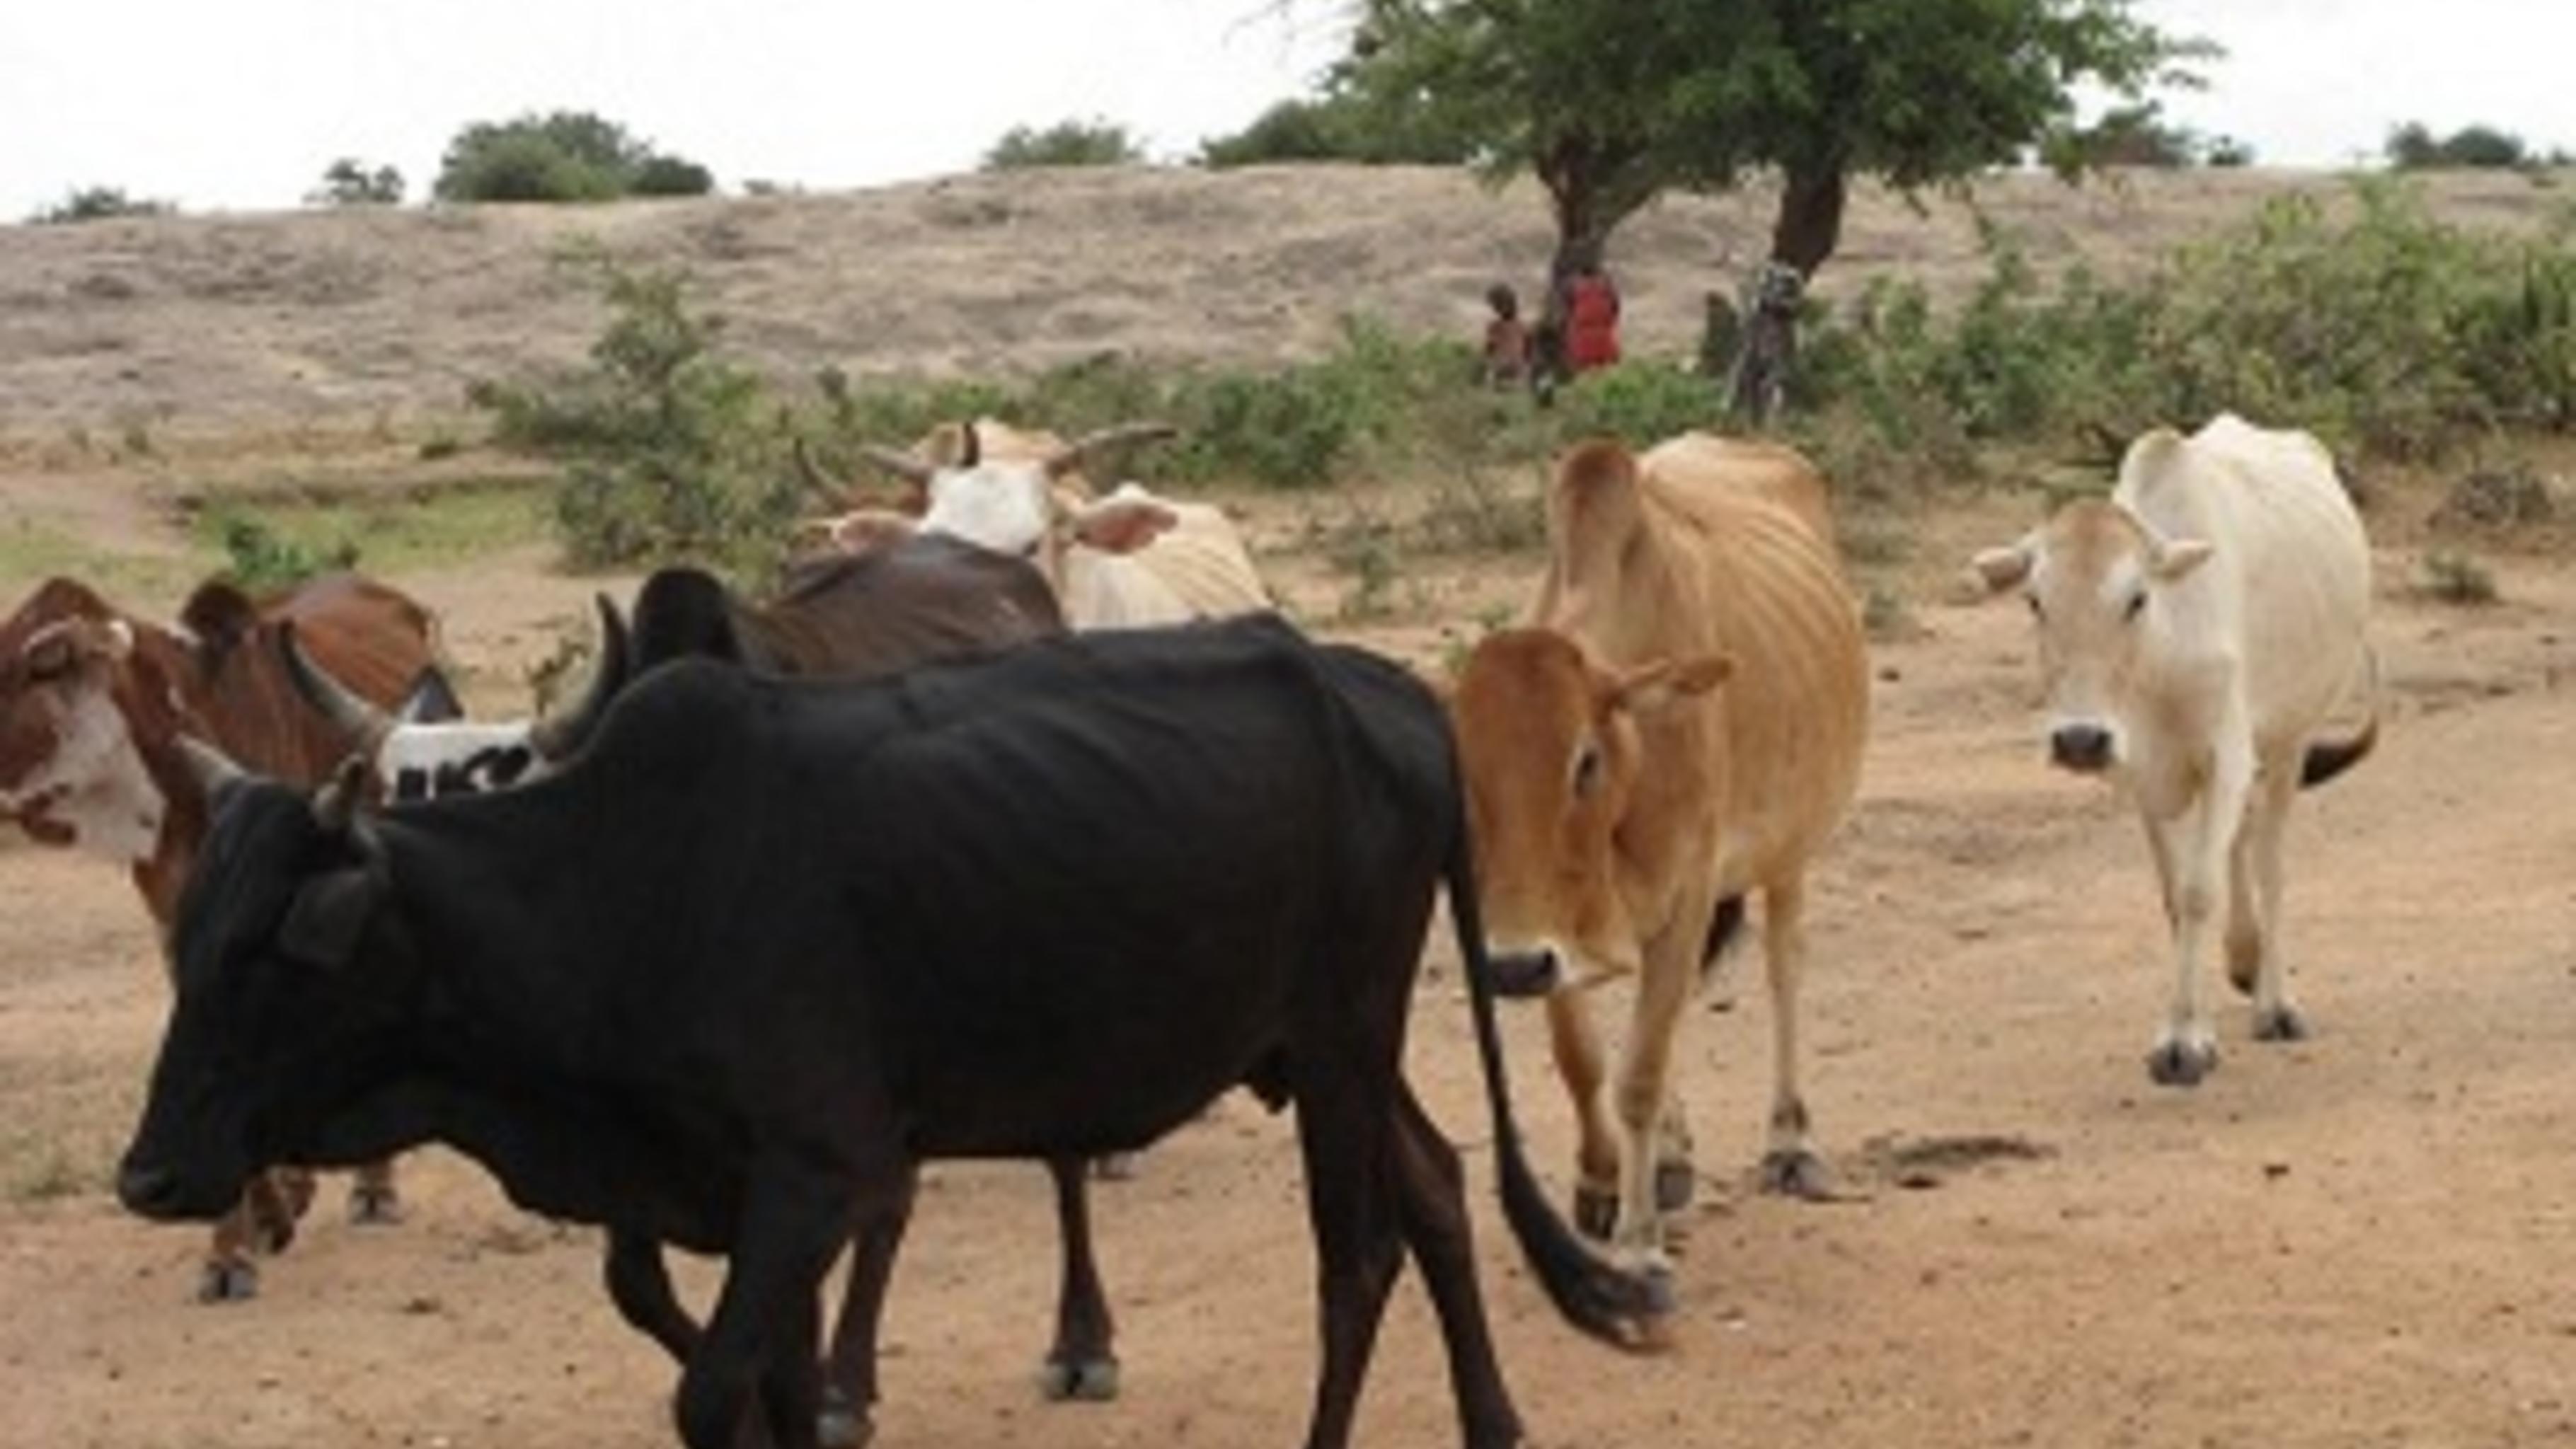 Viehhaltung ist schwierig geworden in der Region Karamoja. © Caroline Gluck/Oxfa